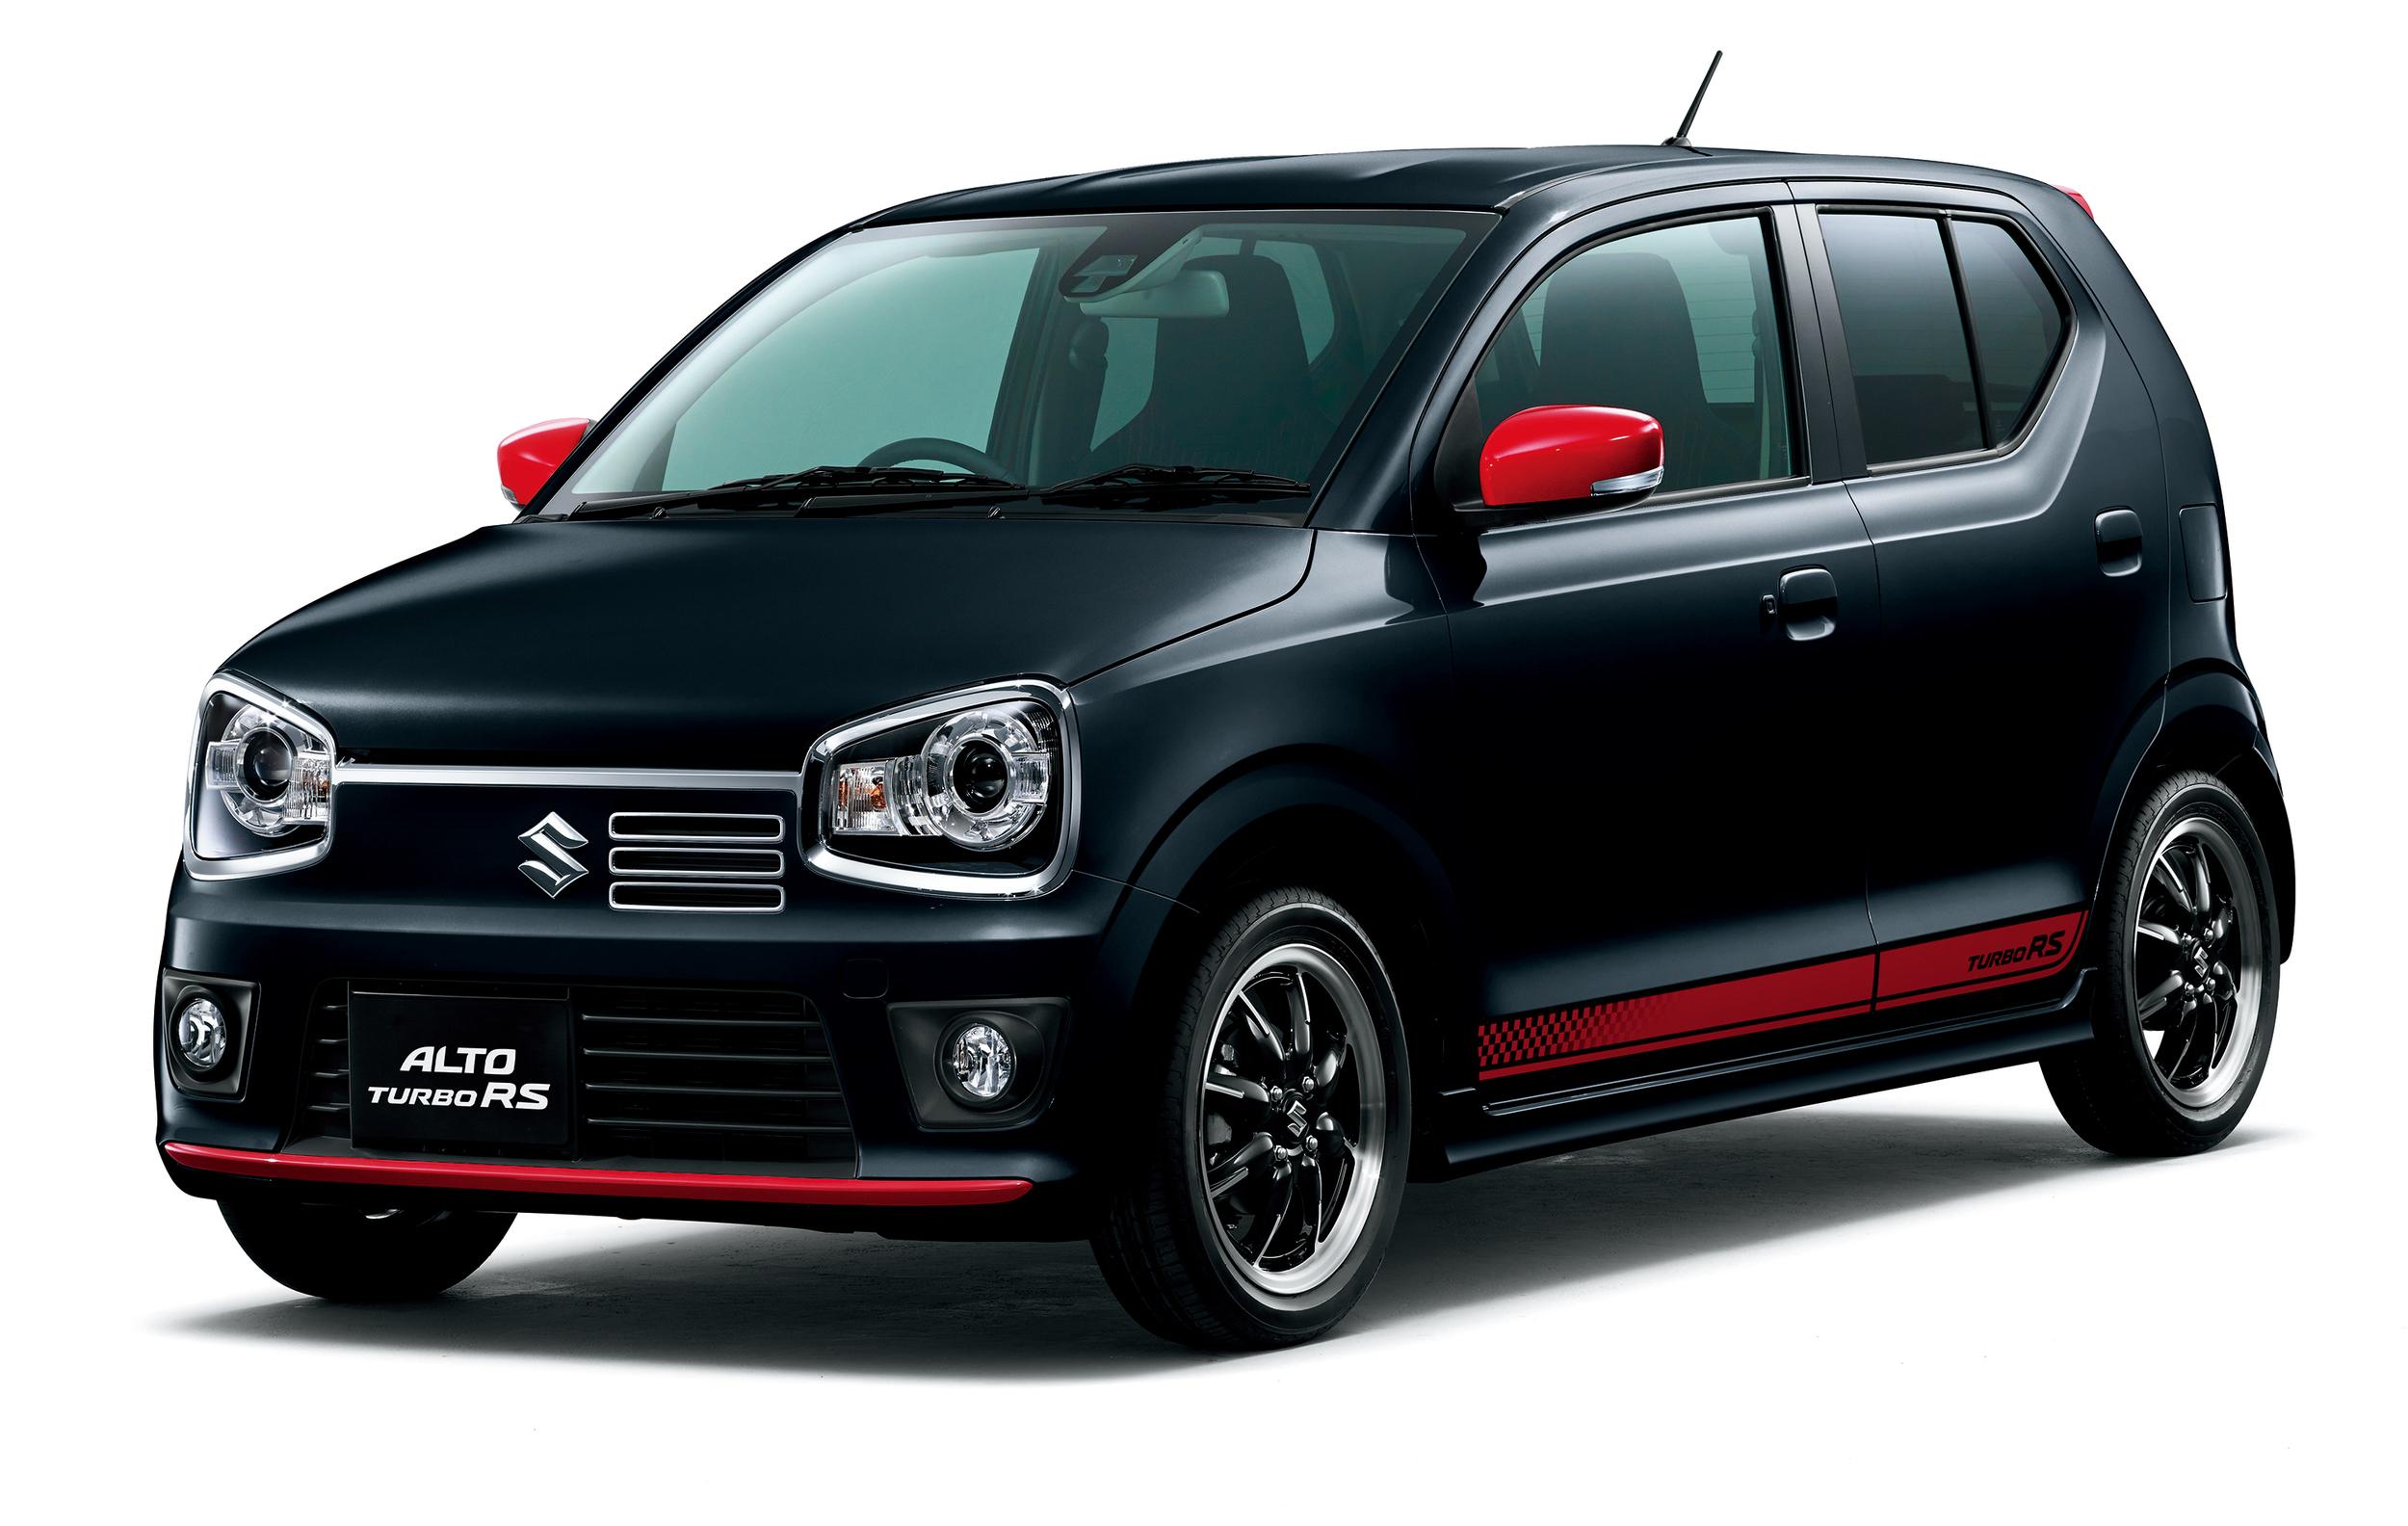 Suzuki Alto Works Is One Awesome Hatchback 8